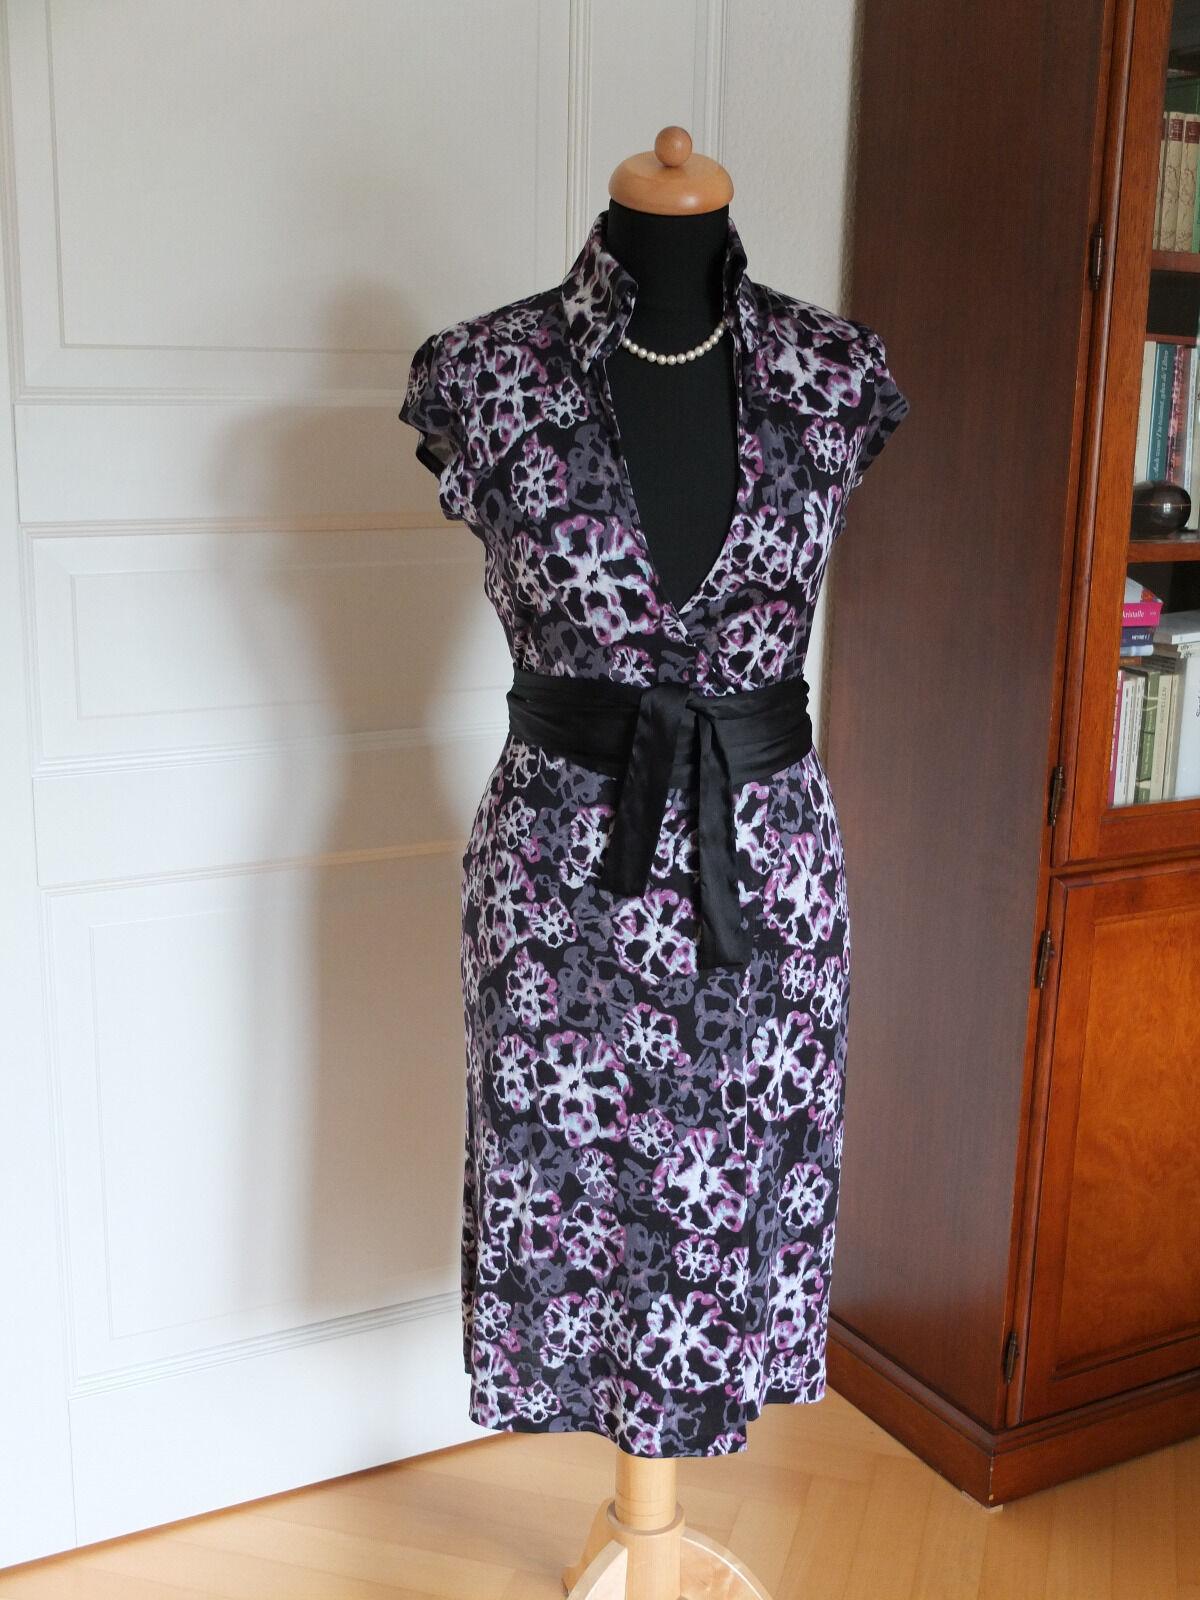 Diane von Furstenkleid Wrap-Kleid Gr. 8 in Top-Zustand